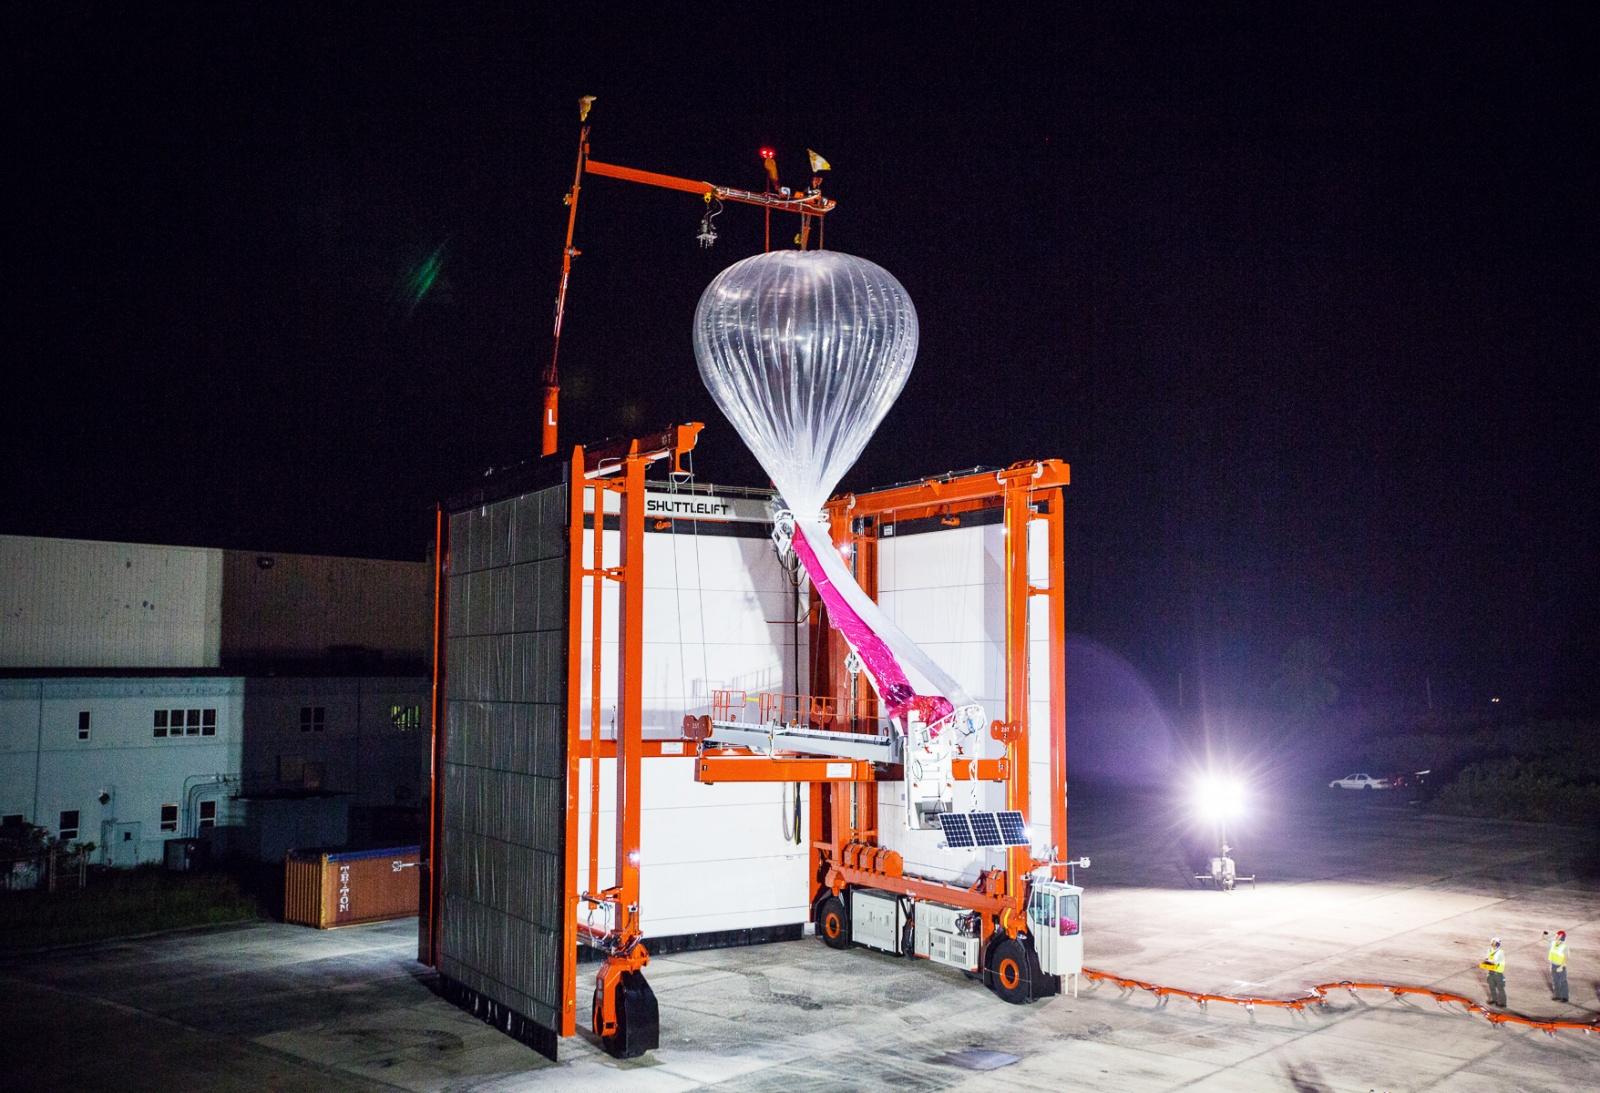 ИИ помогает удерживать воздушные шары Google Project Loon неделями на одном месте - 3